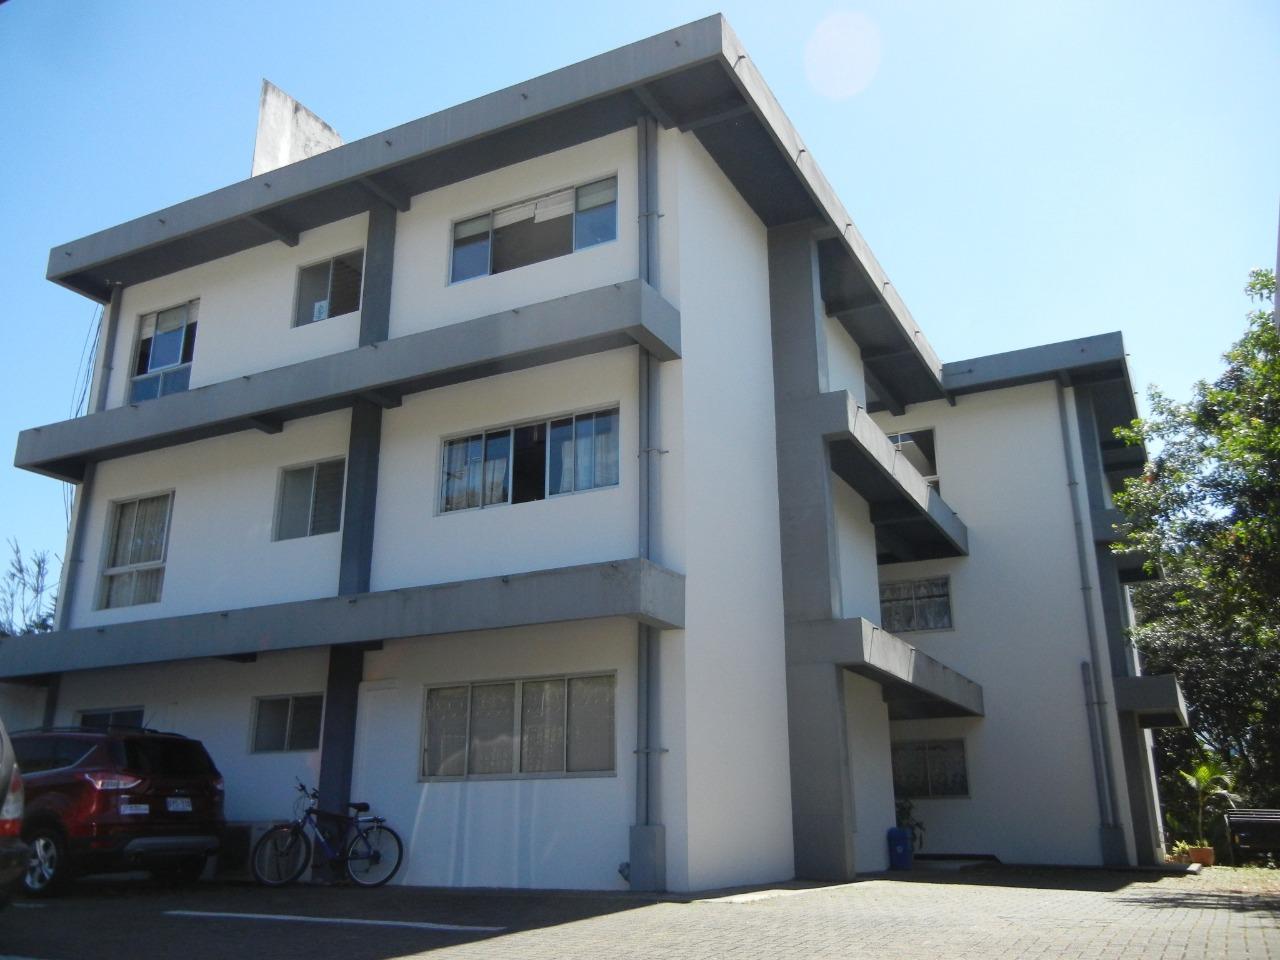 2547 Se Alquila Apartamento en La Uruca